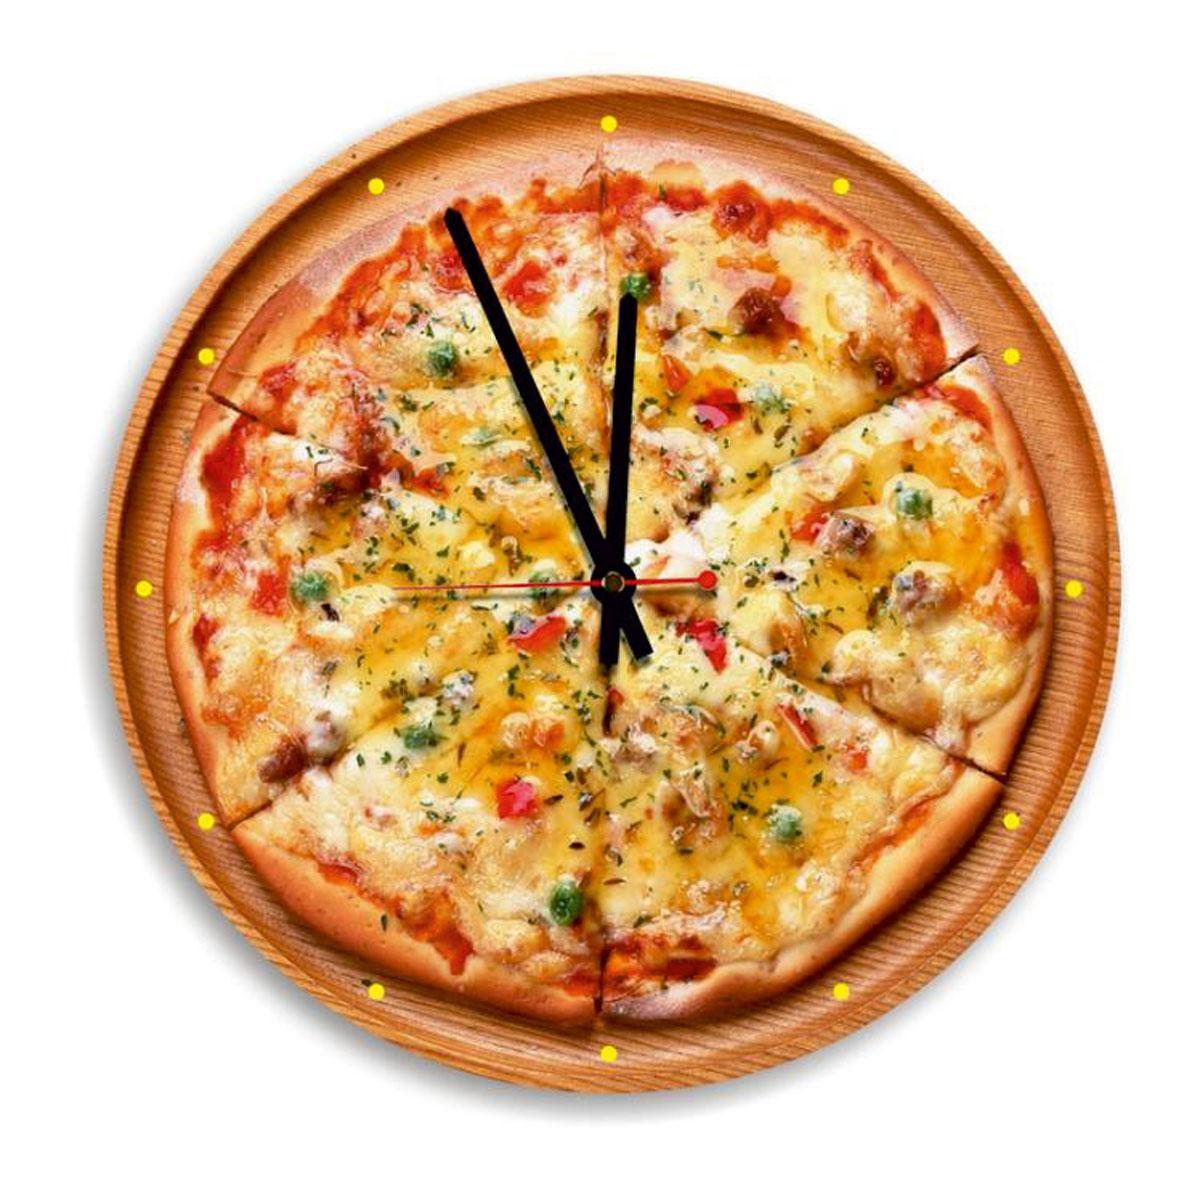 Часы настенные Miolla ПиццаСК011 2049Оригинальные настенные часы круглой формы Miolla Пицца выполнены из закаленного стекла. Часы имеют три стрелки - часовую, минутную и секундную. Необычное дизайнерское решение и качество исполнения придутся по вкусу каждому. Оформите свой дом таким интерьерным аксессуаром или преподнесите его в качестве презента друзьям, и они оценят ваш оригинальный вкус и неординарность подарка. Часы работают от 1 батарейки типа АА напряжением 1,5 В. Диаметр часов: 28 см.